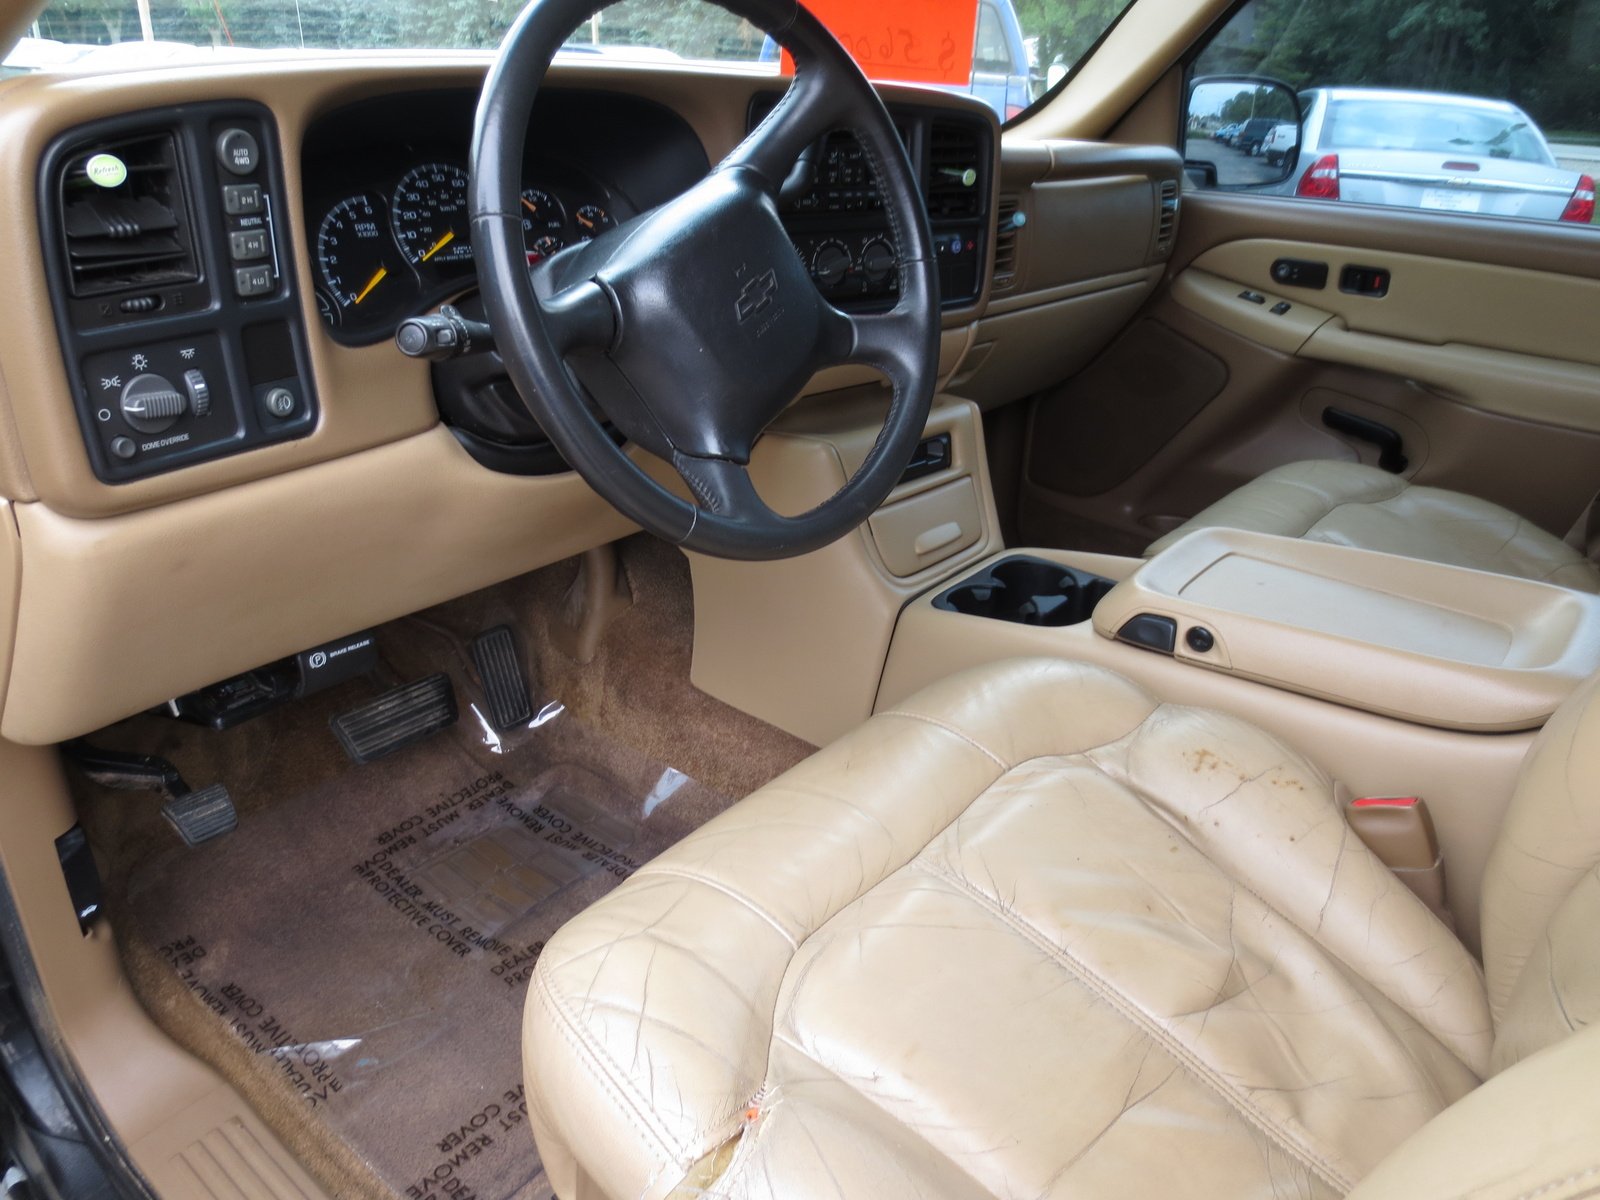 2000 Chevrolet Suburban - Pictures - CarGurus